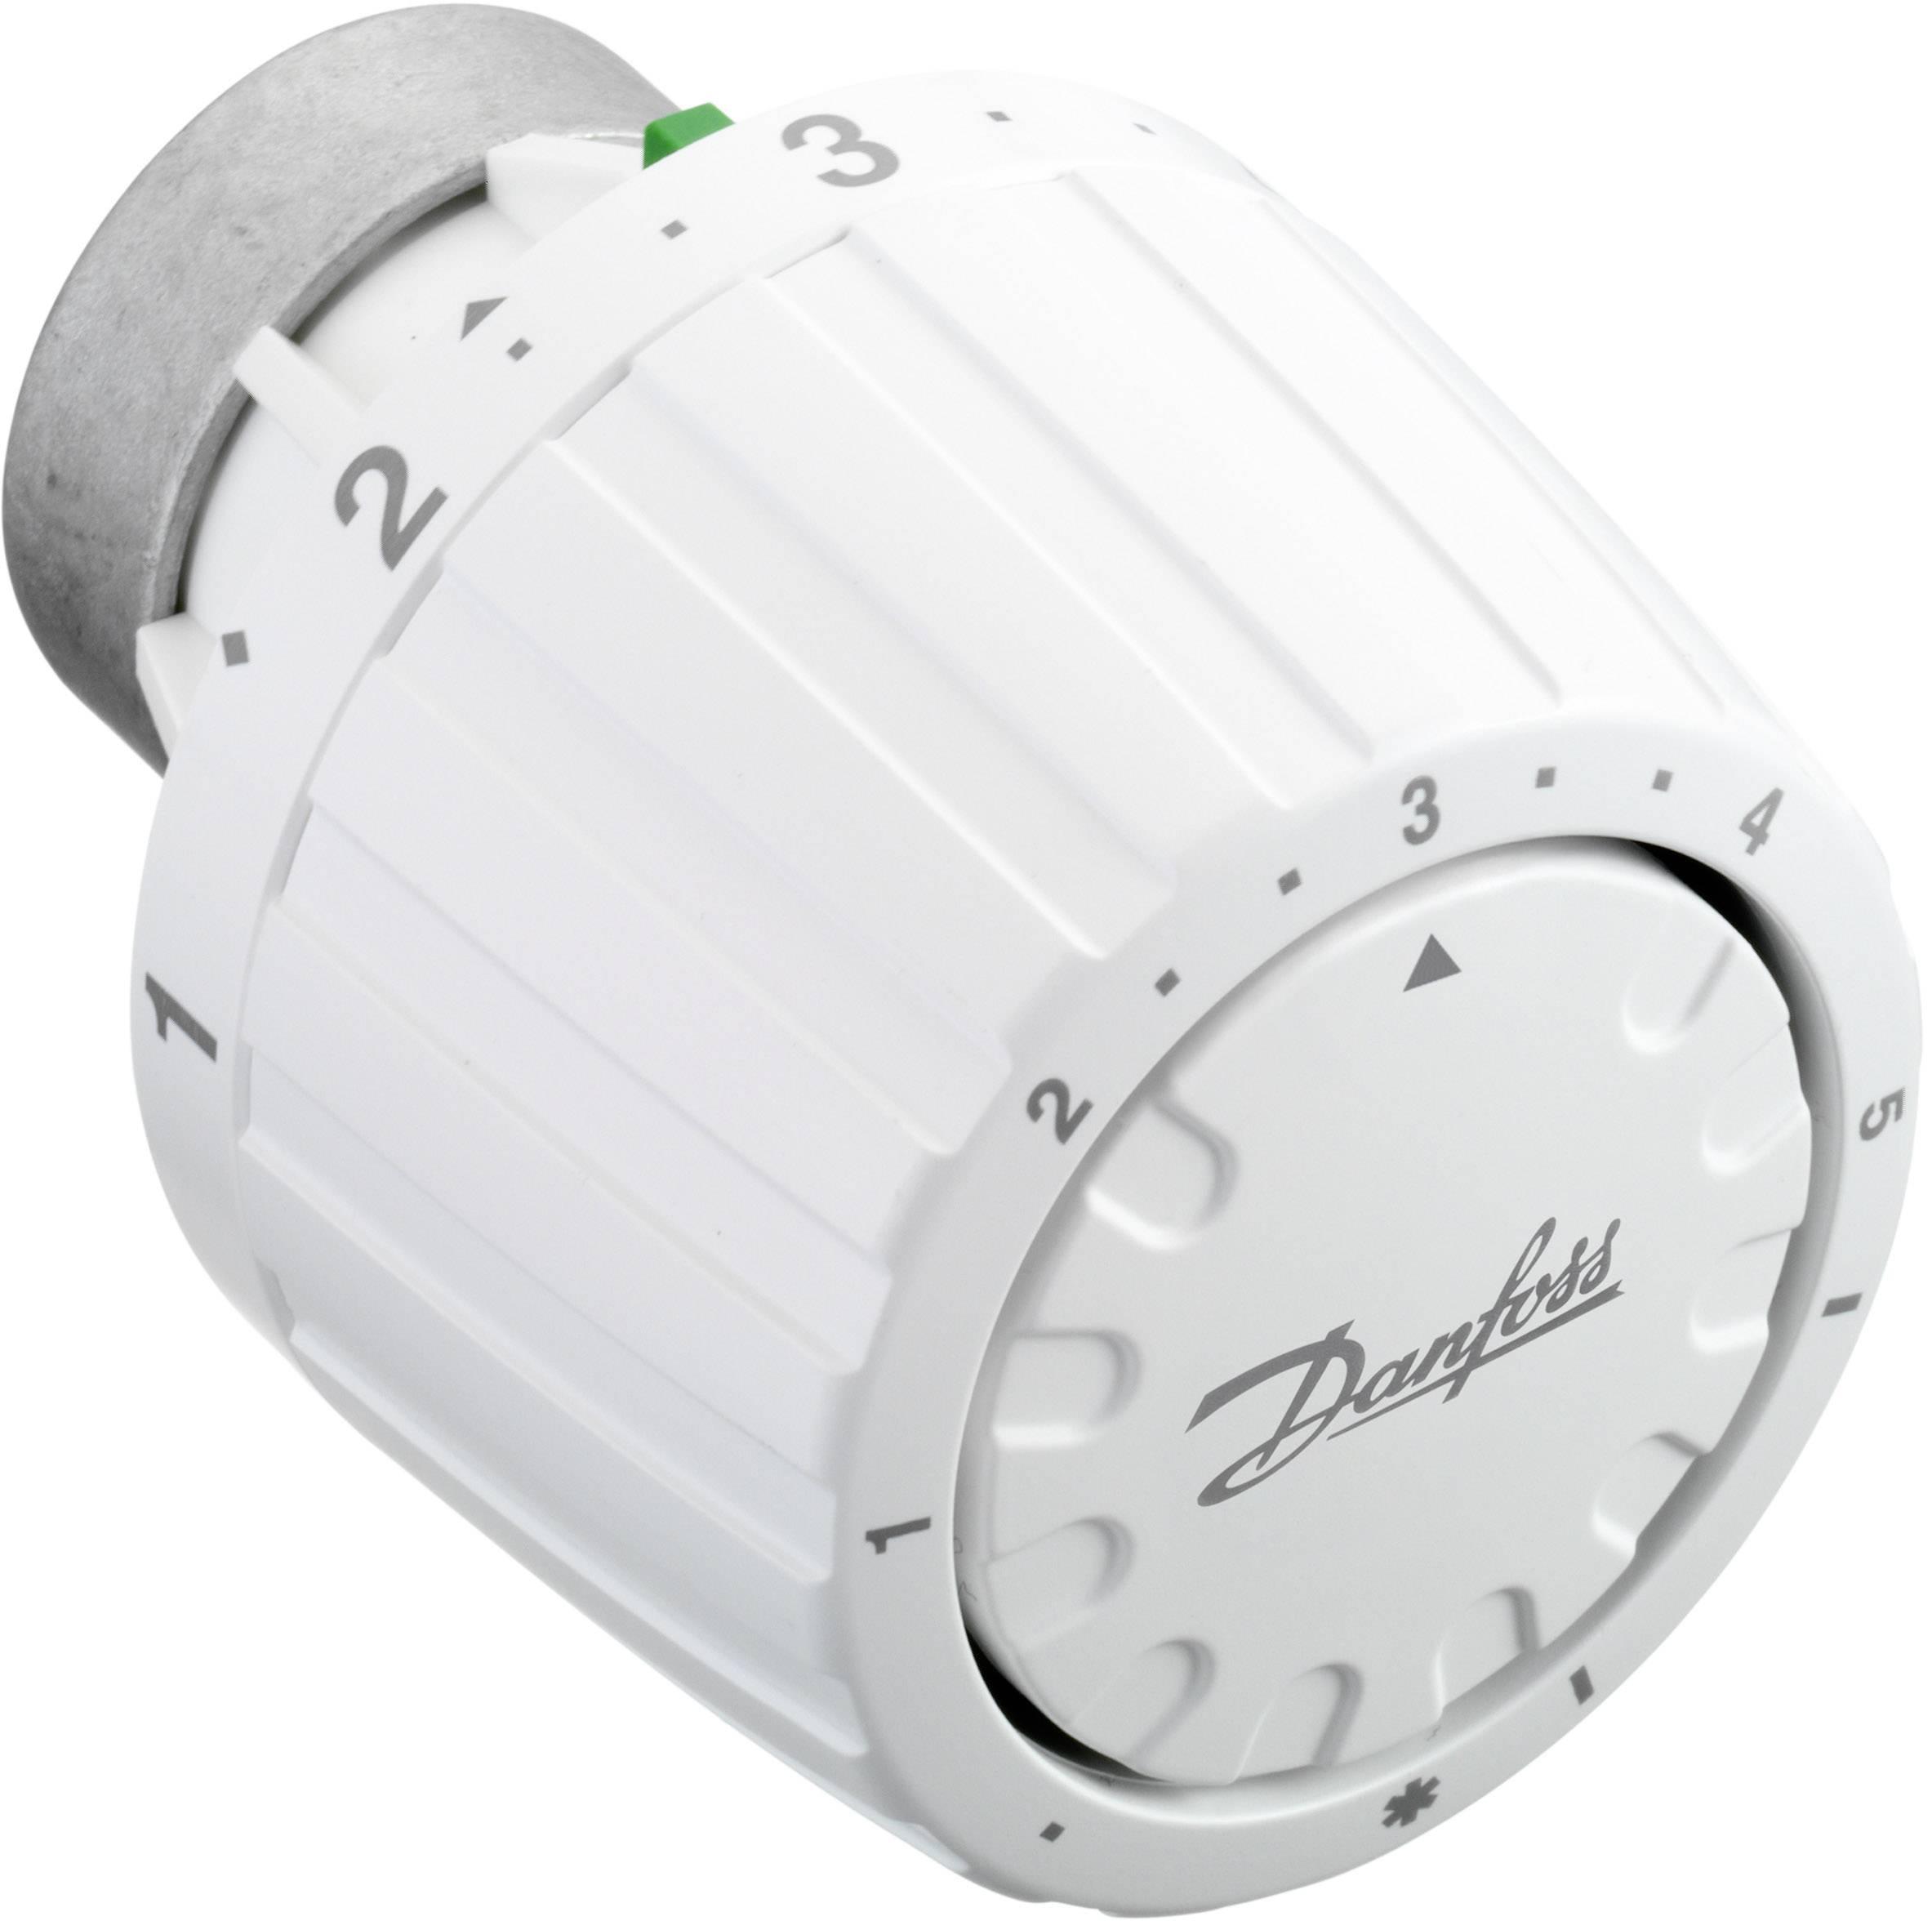 Termostatická hlavice Danfoss 5 až 26 °C